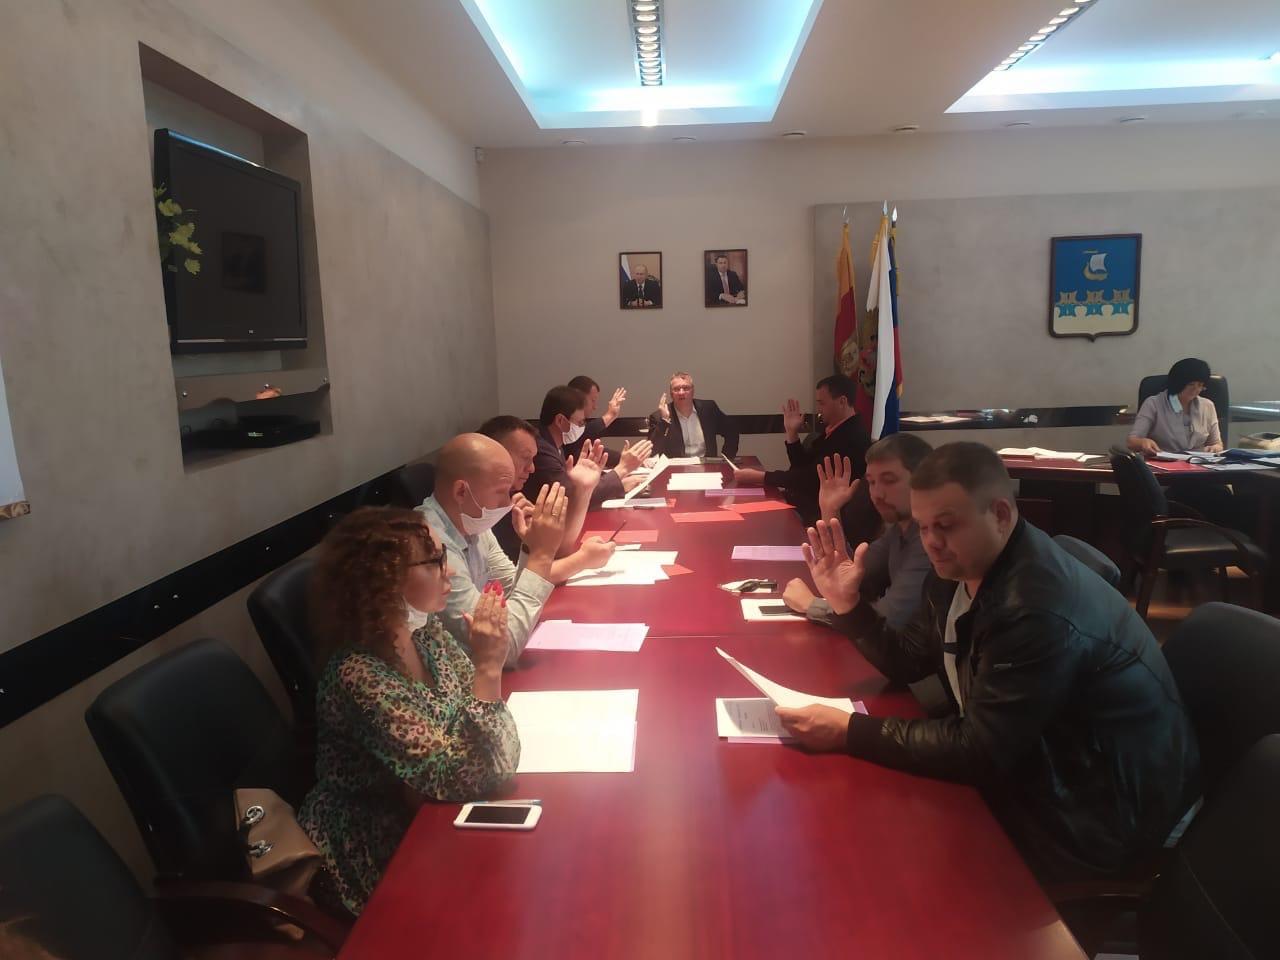 Повестка дня была совсем скромная - итоги заседания кимрской городской думы